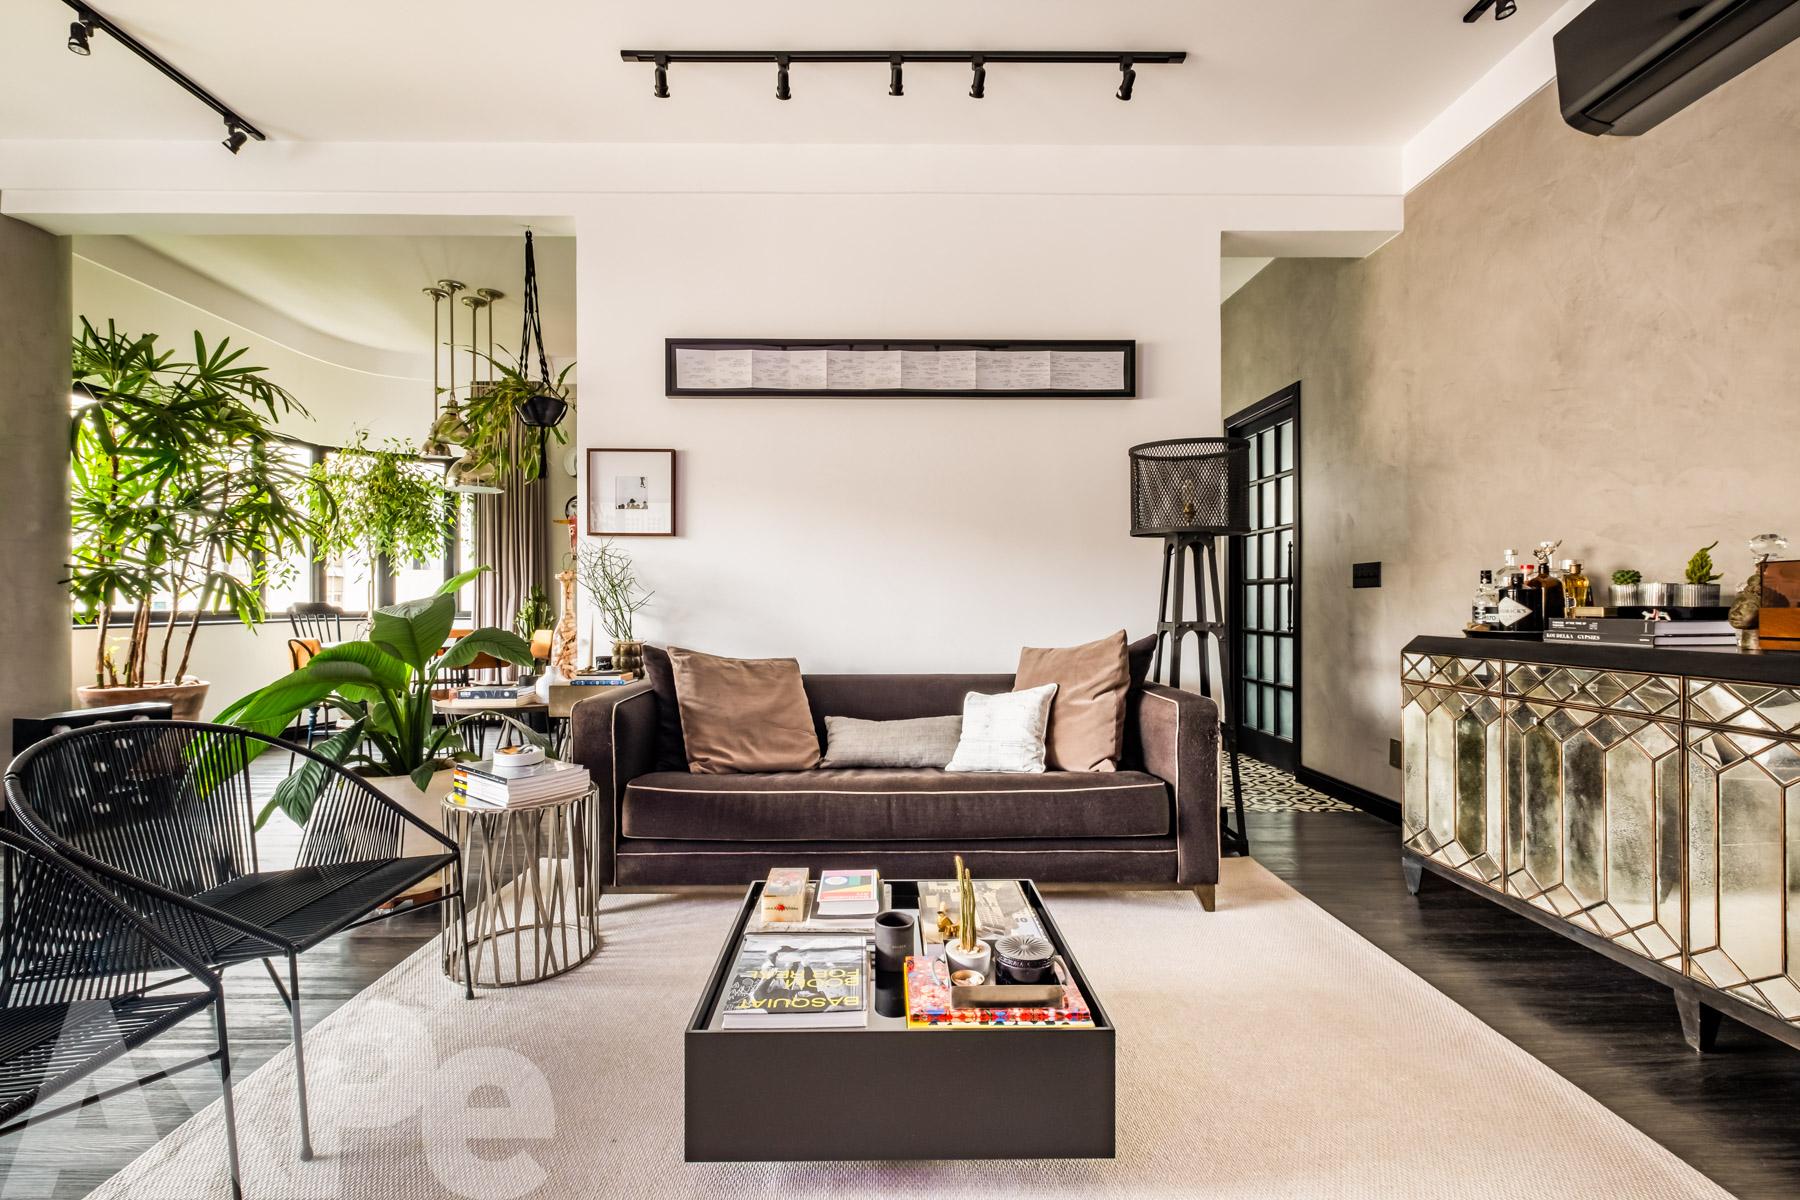 Axpe Apartamento - AX147293